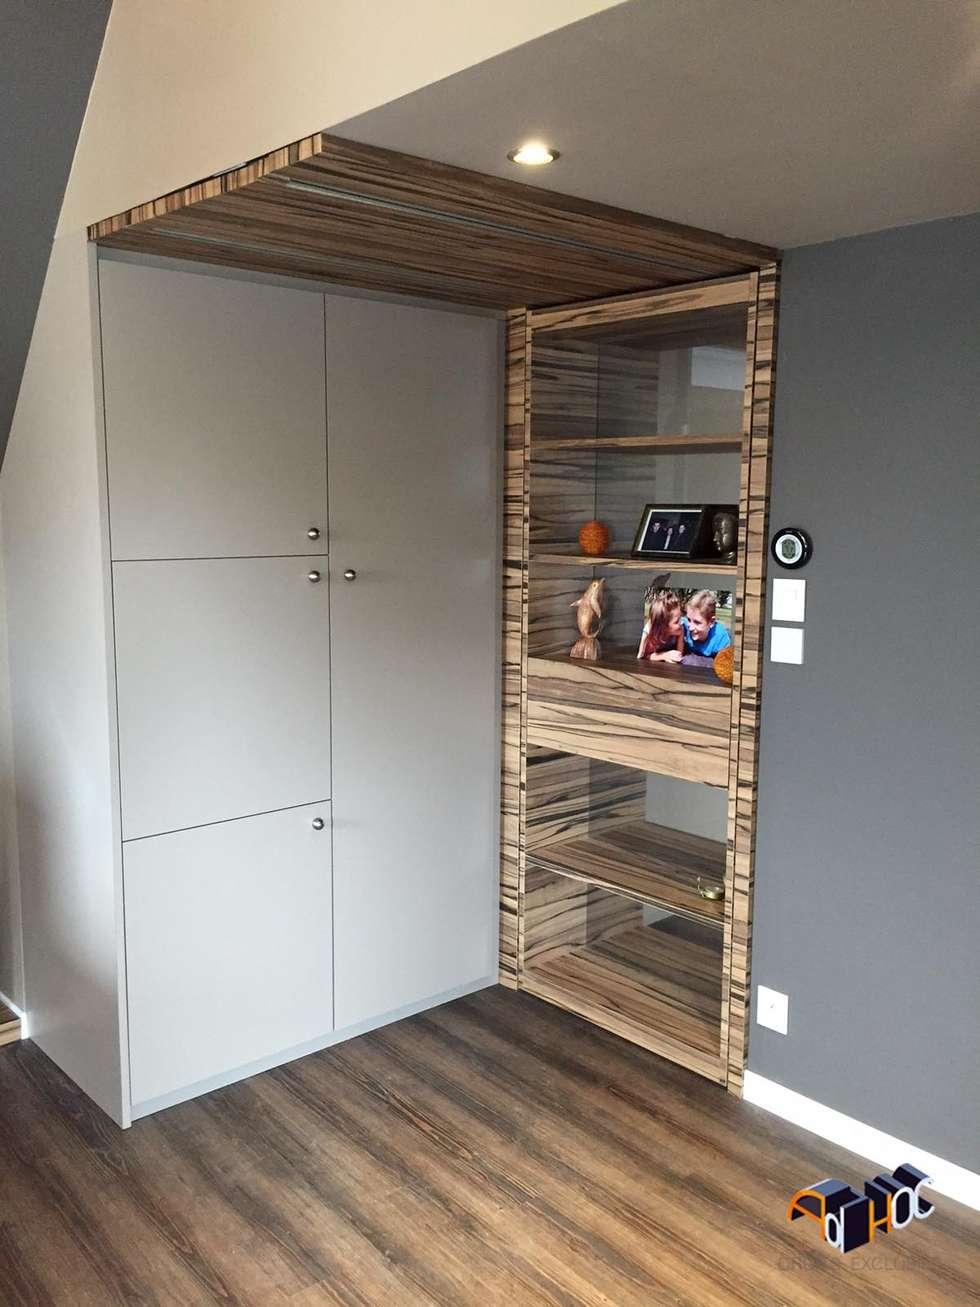 Architecture intérieur Brest - Rénovation d'une chambre: Chambre de style de style Moderne par Ad Hoc Concept architecture